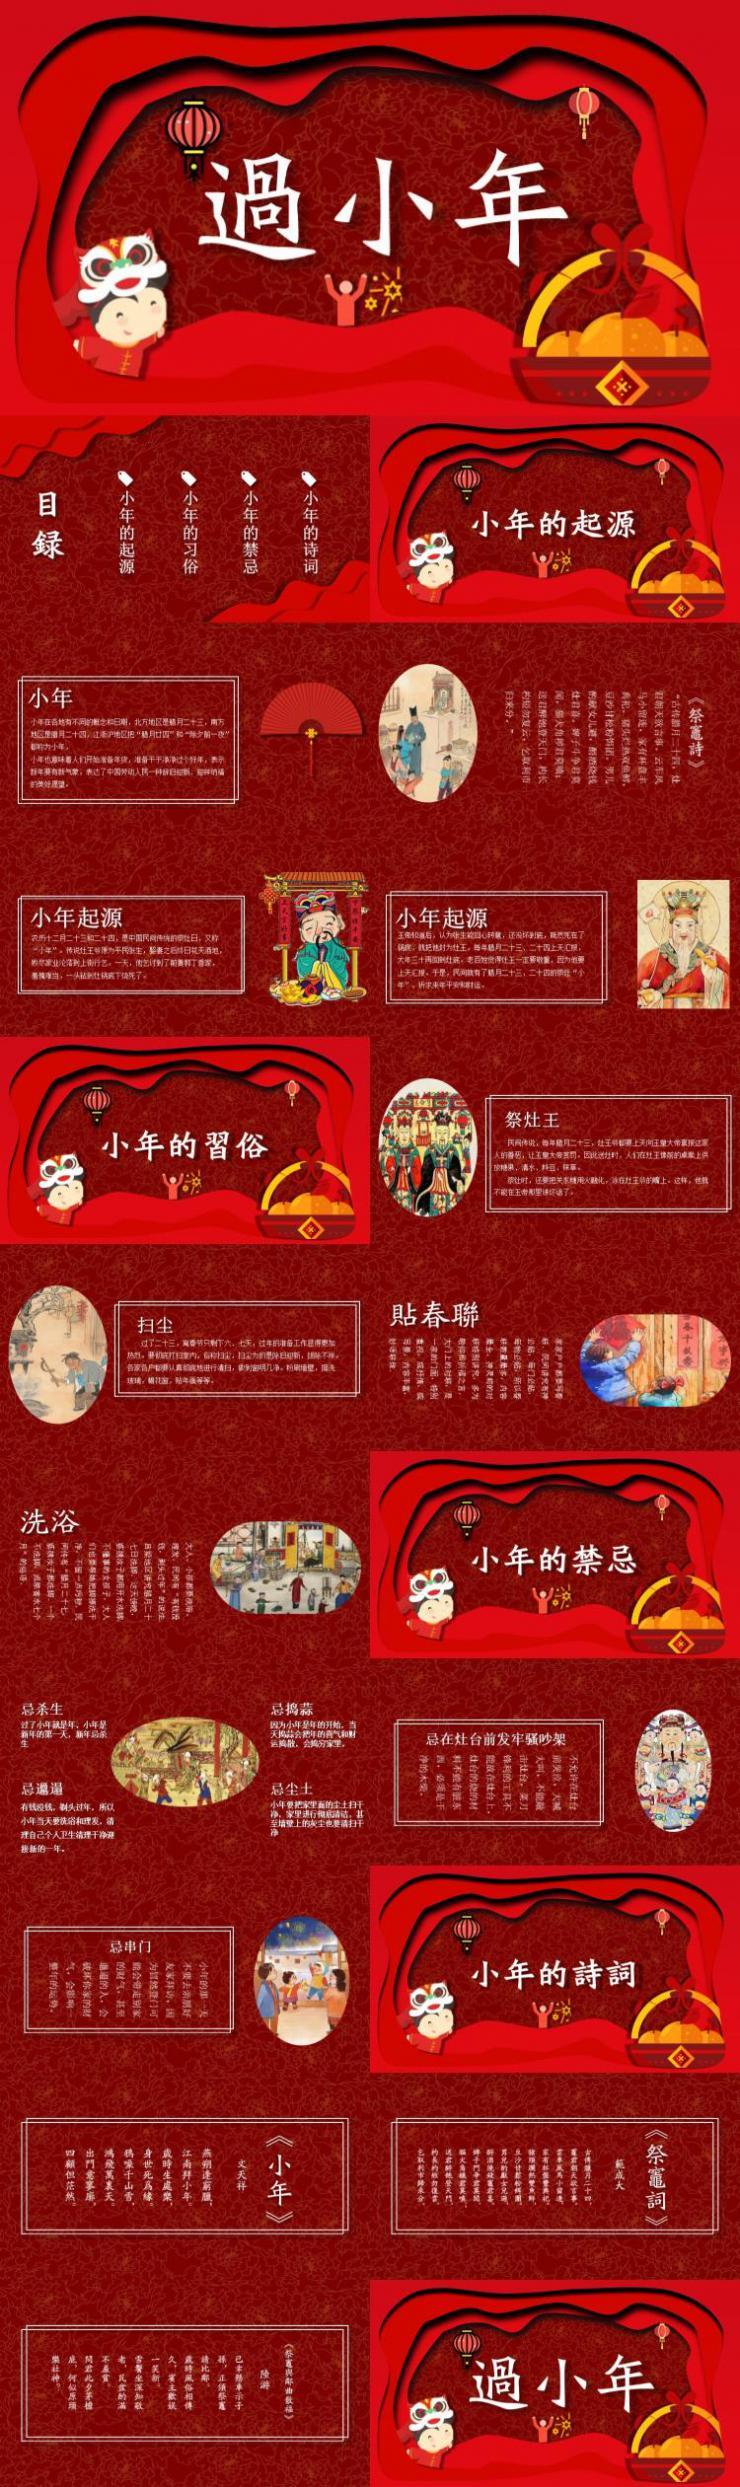 立体雕刻中国风小年民俗介绍PPT模板